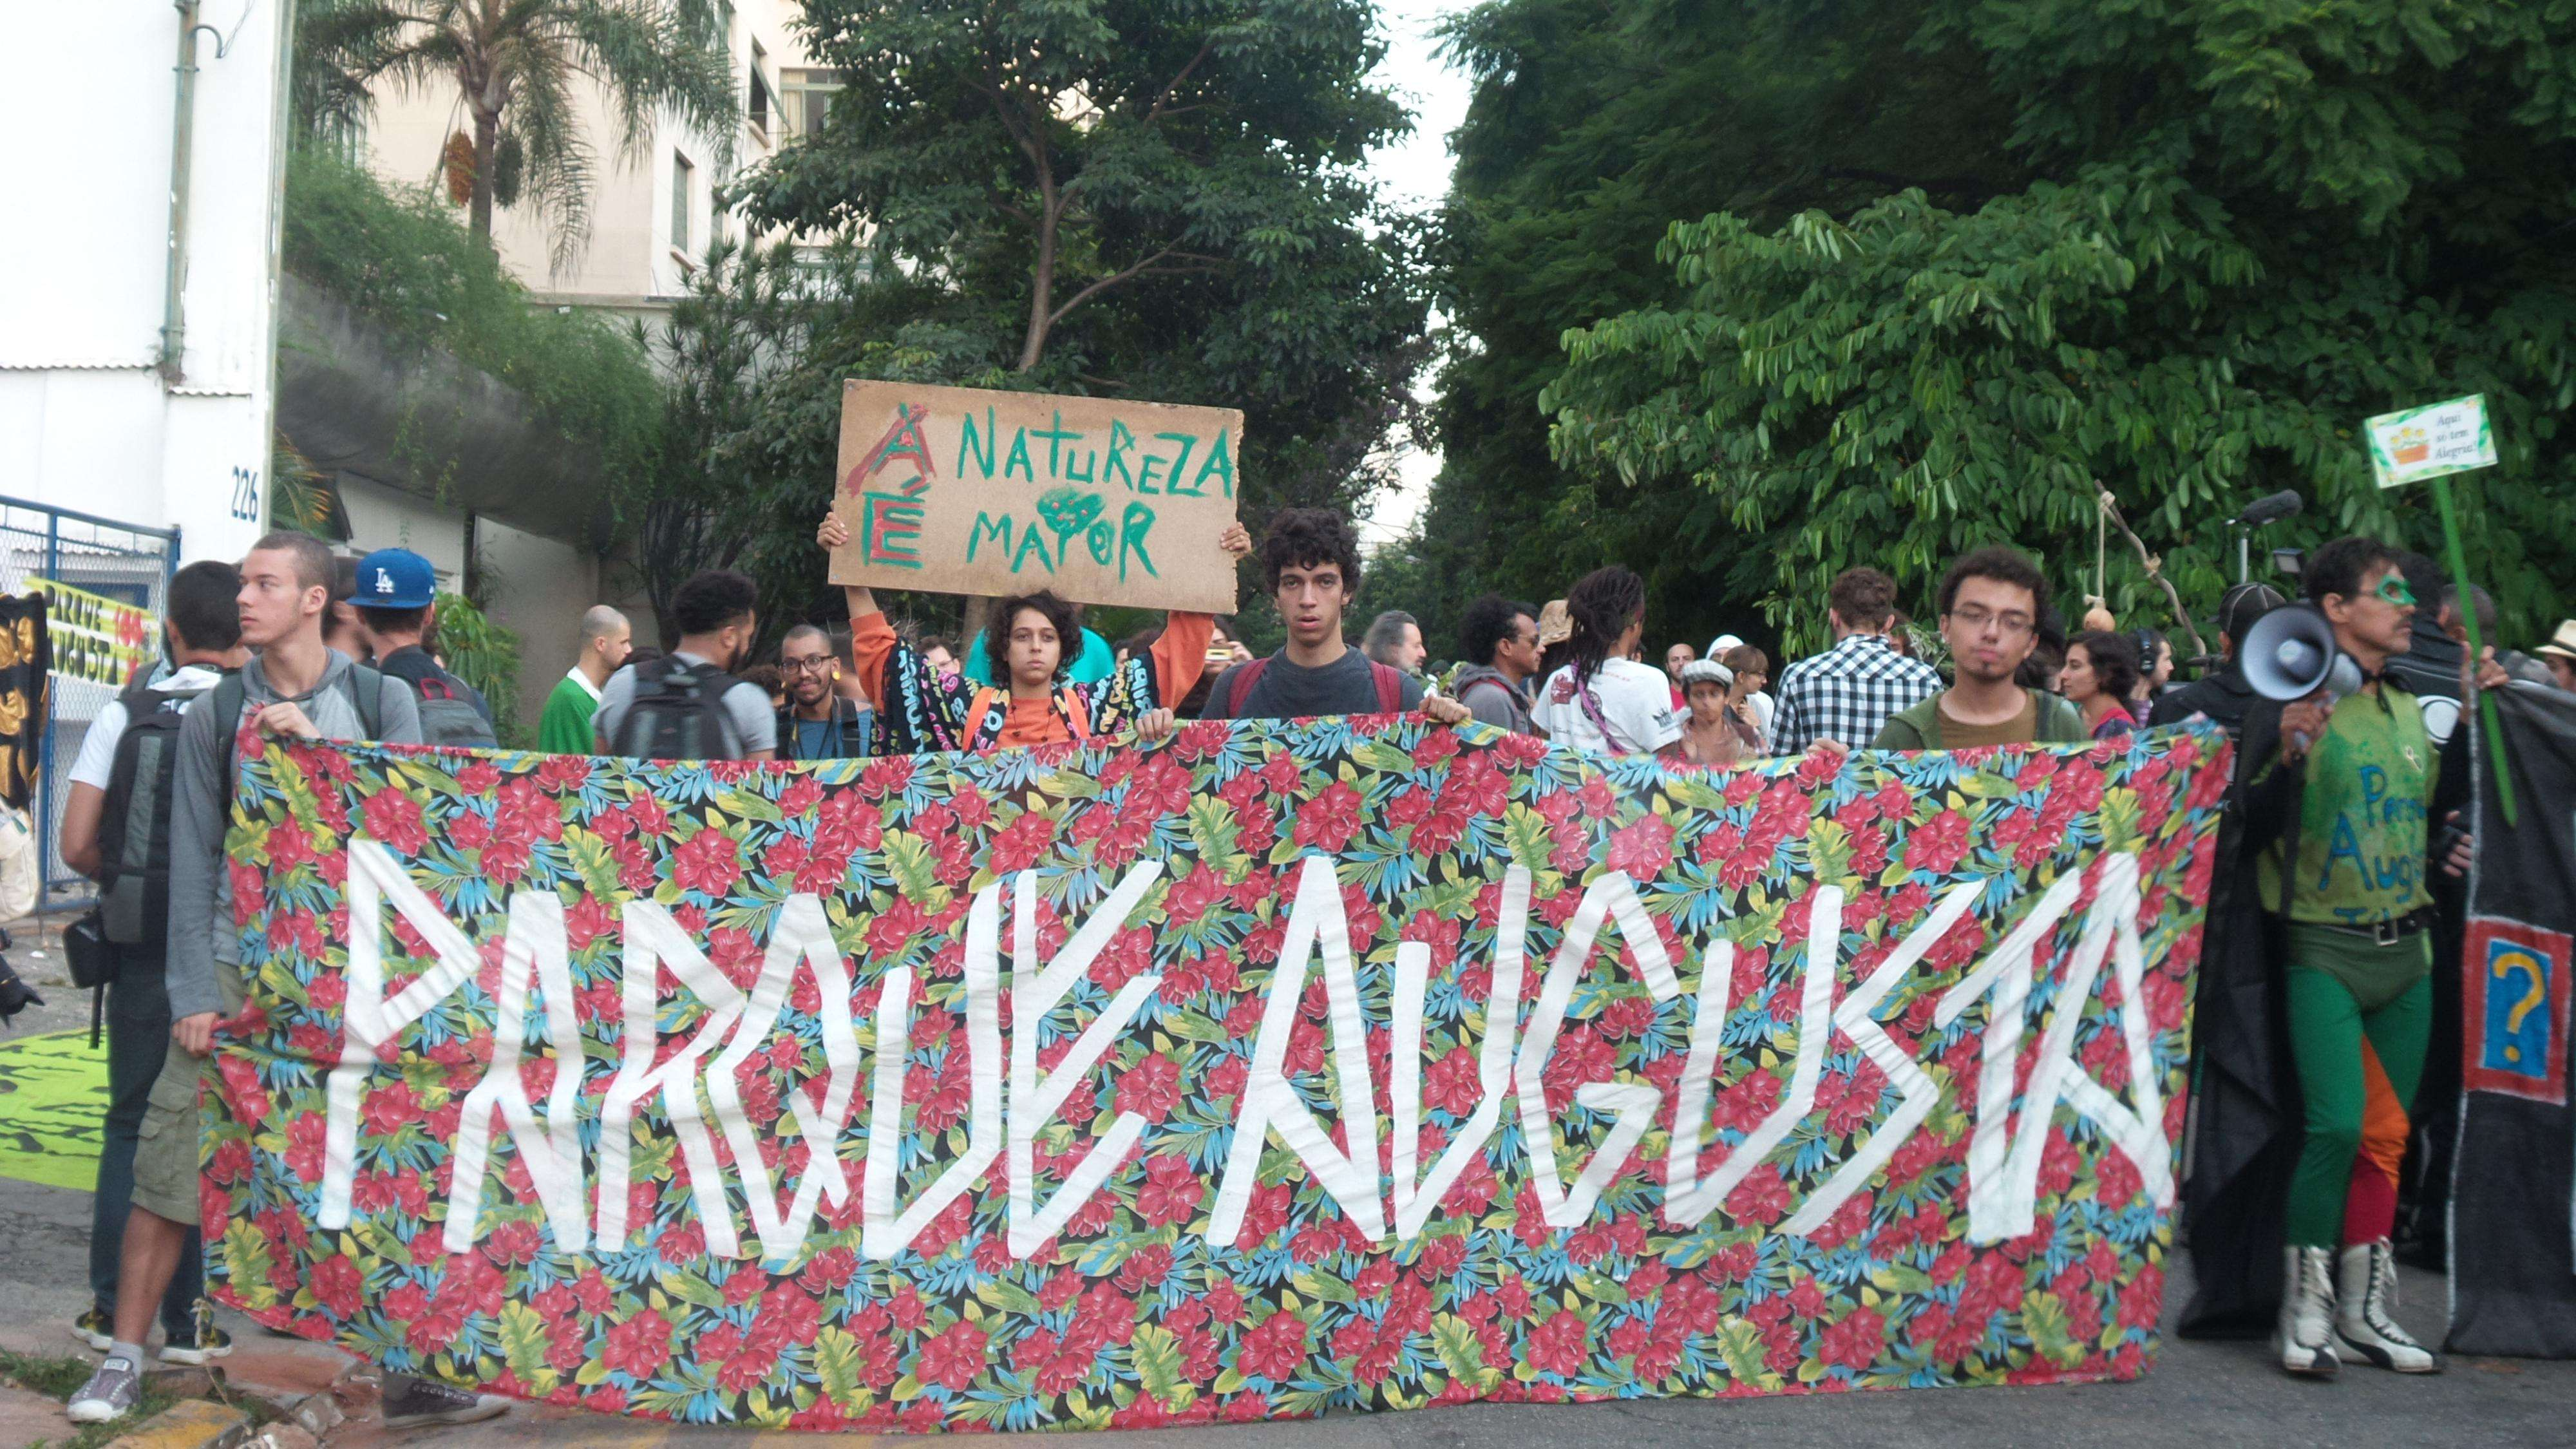 Manifestantes protestam em terreno no centro de São Paulo pela criação do Parque Augusta Foto: Janaína Garcia/Terra